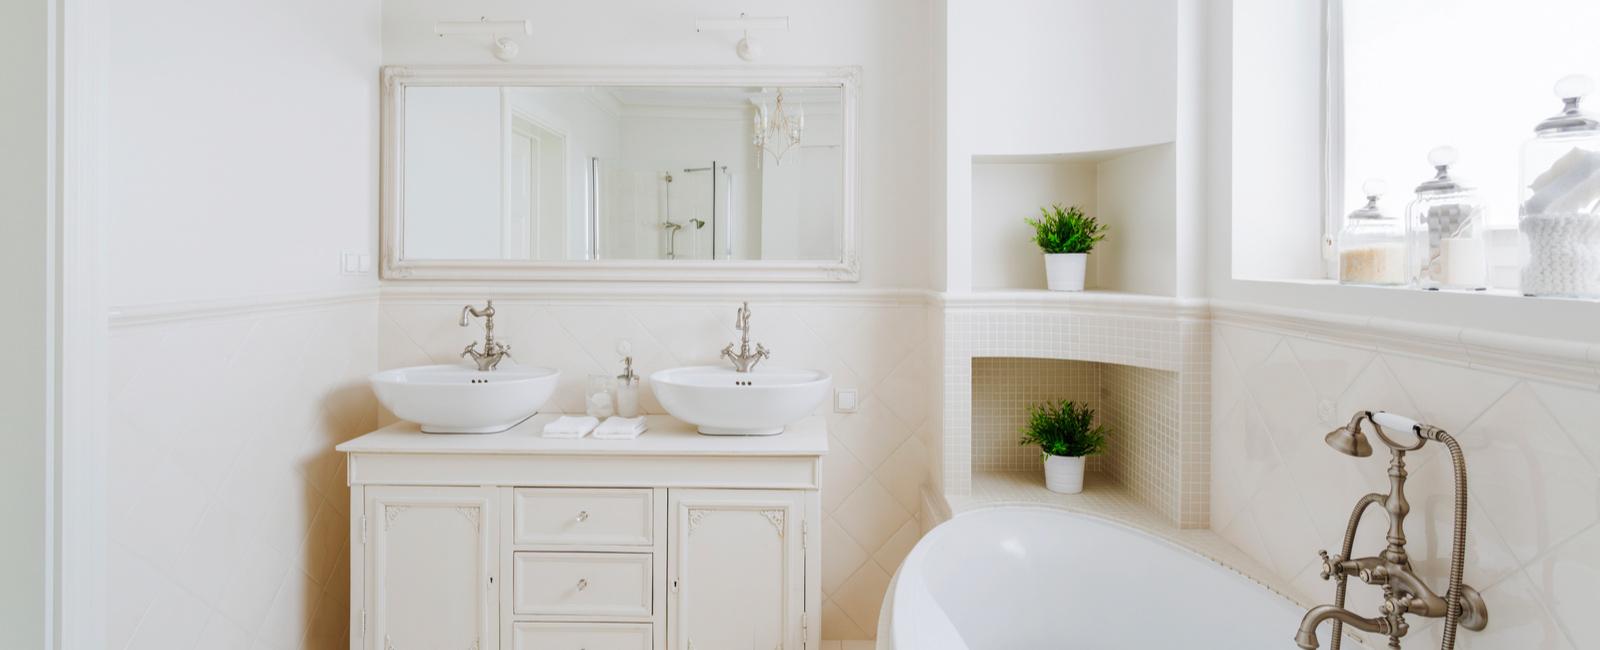 prix installation miroir de salle de bain